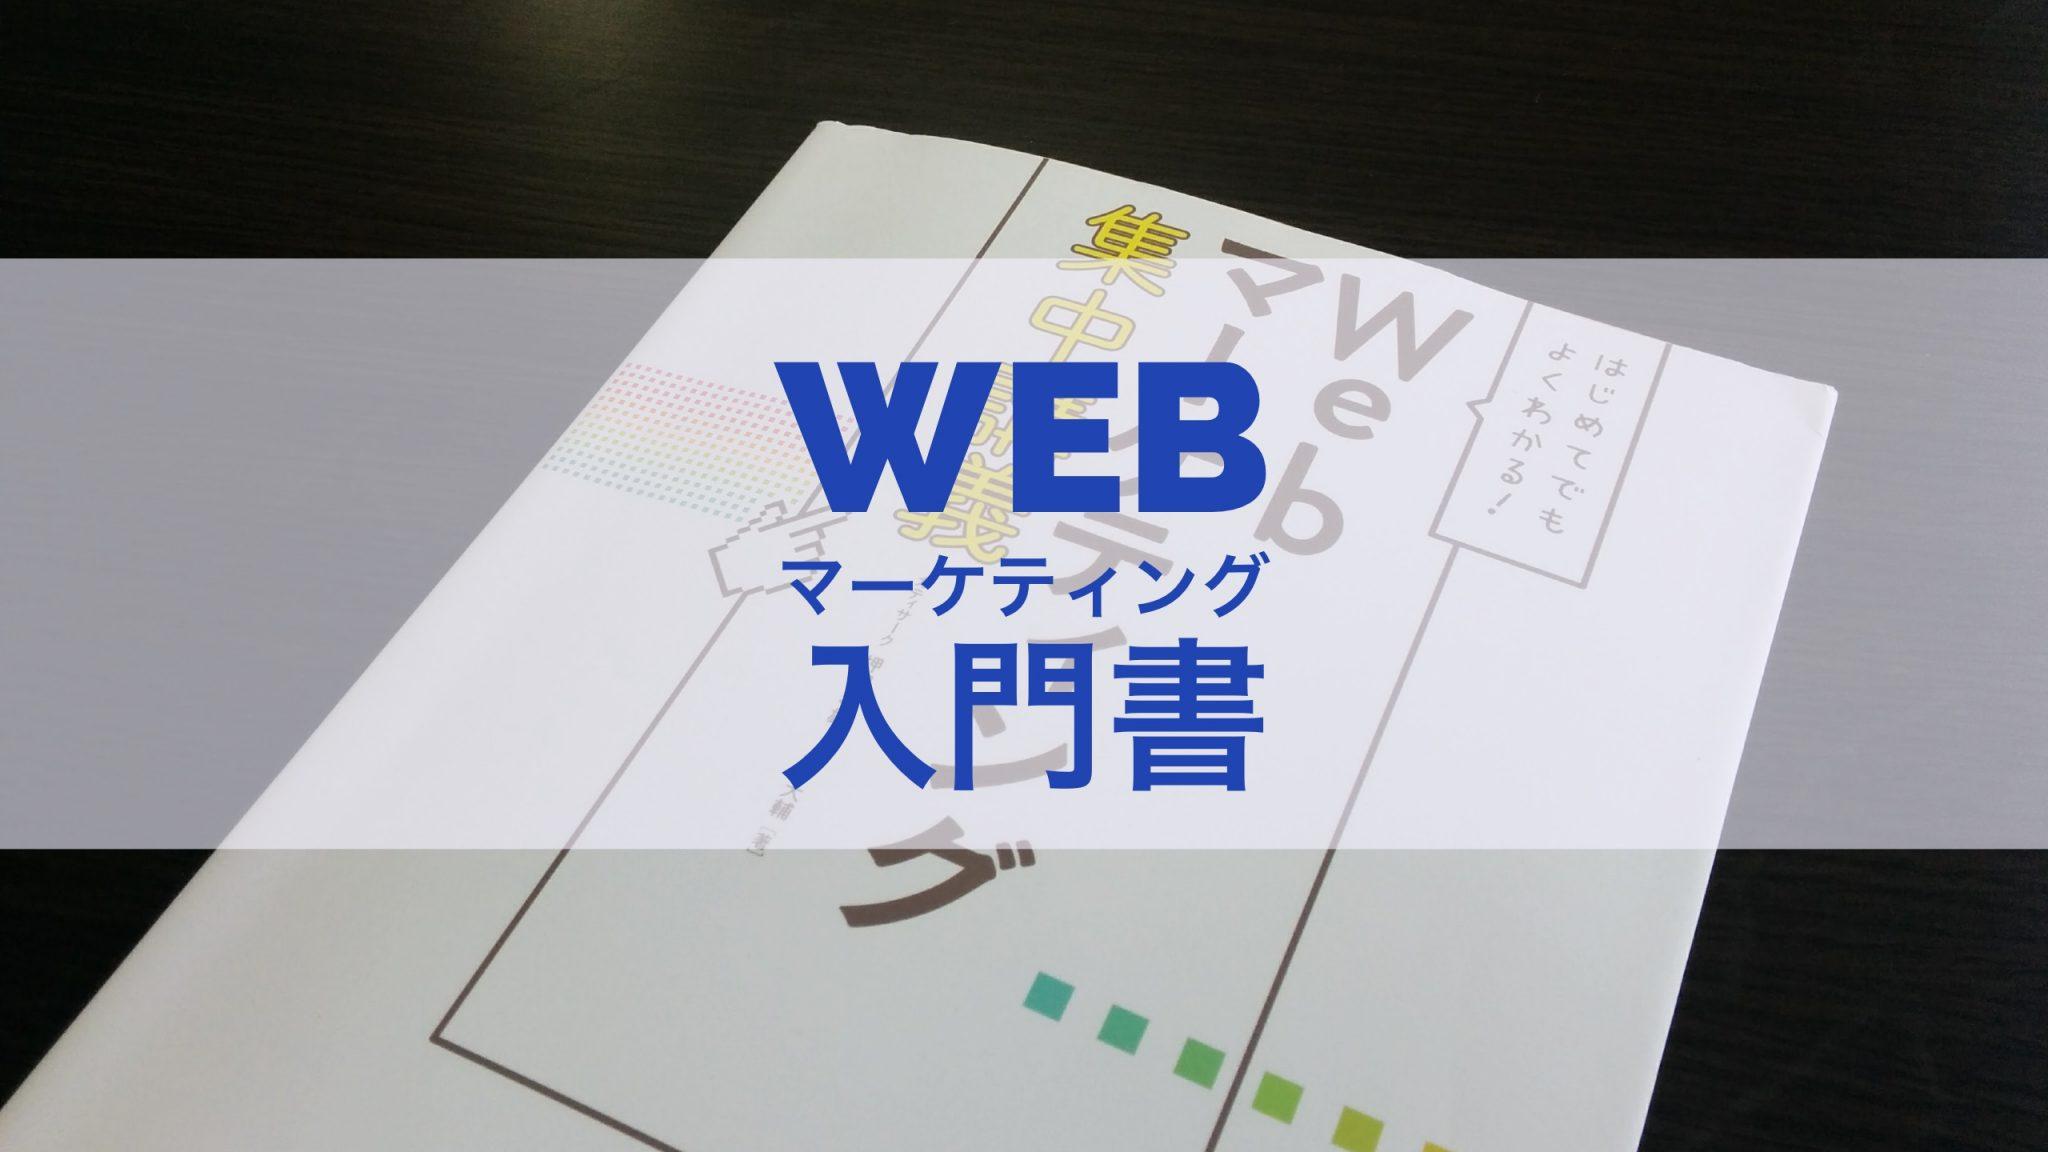 【レビュー】はじめてでもよくわかる!Webマーケティング集中講義